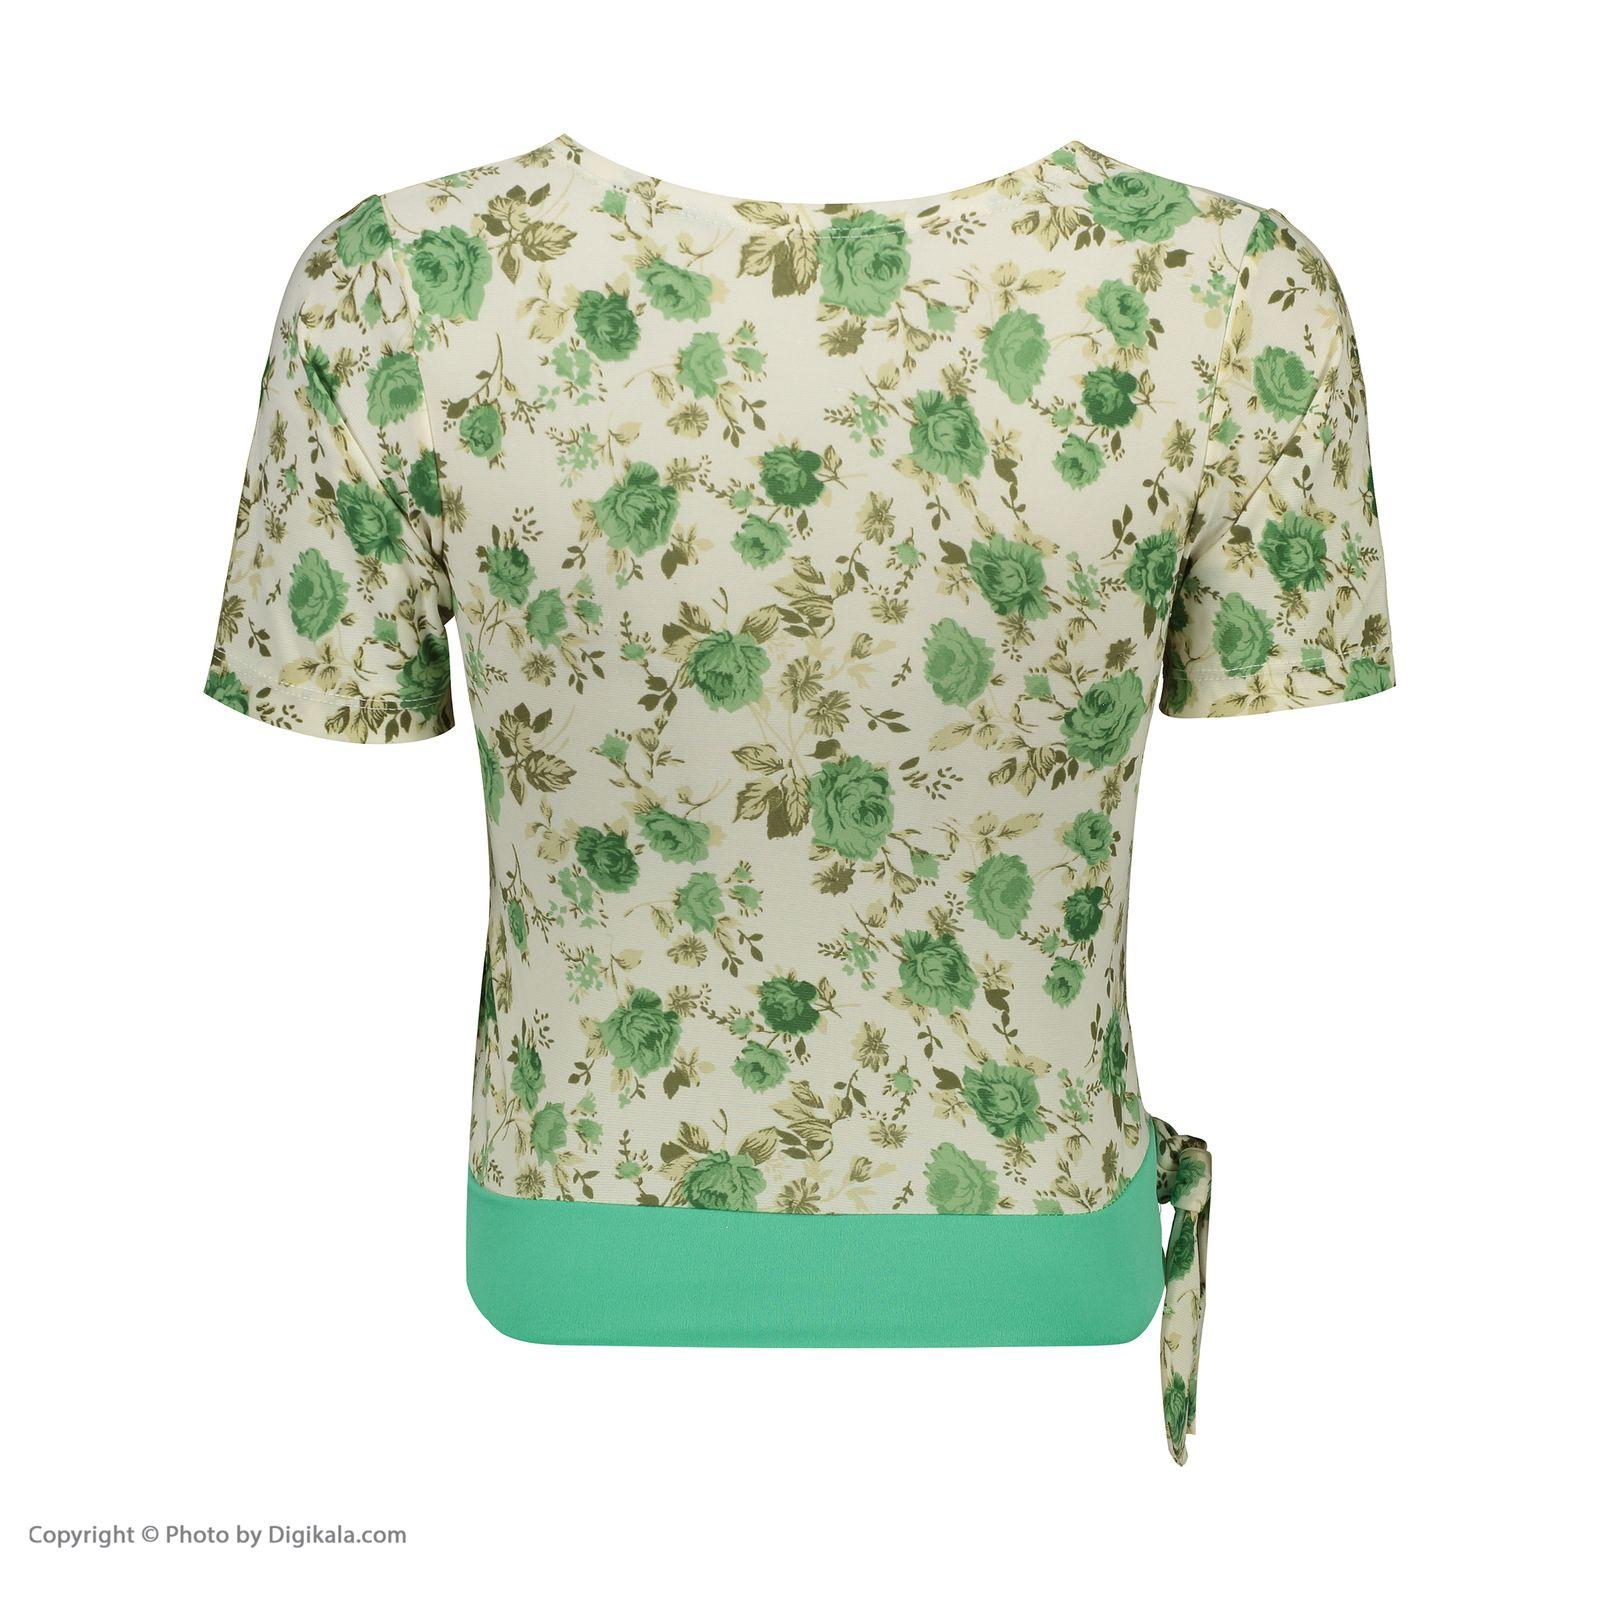 ست تی شرت و شلوارک زنانه کد 004 -  - 6